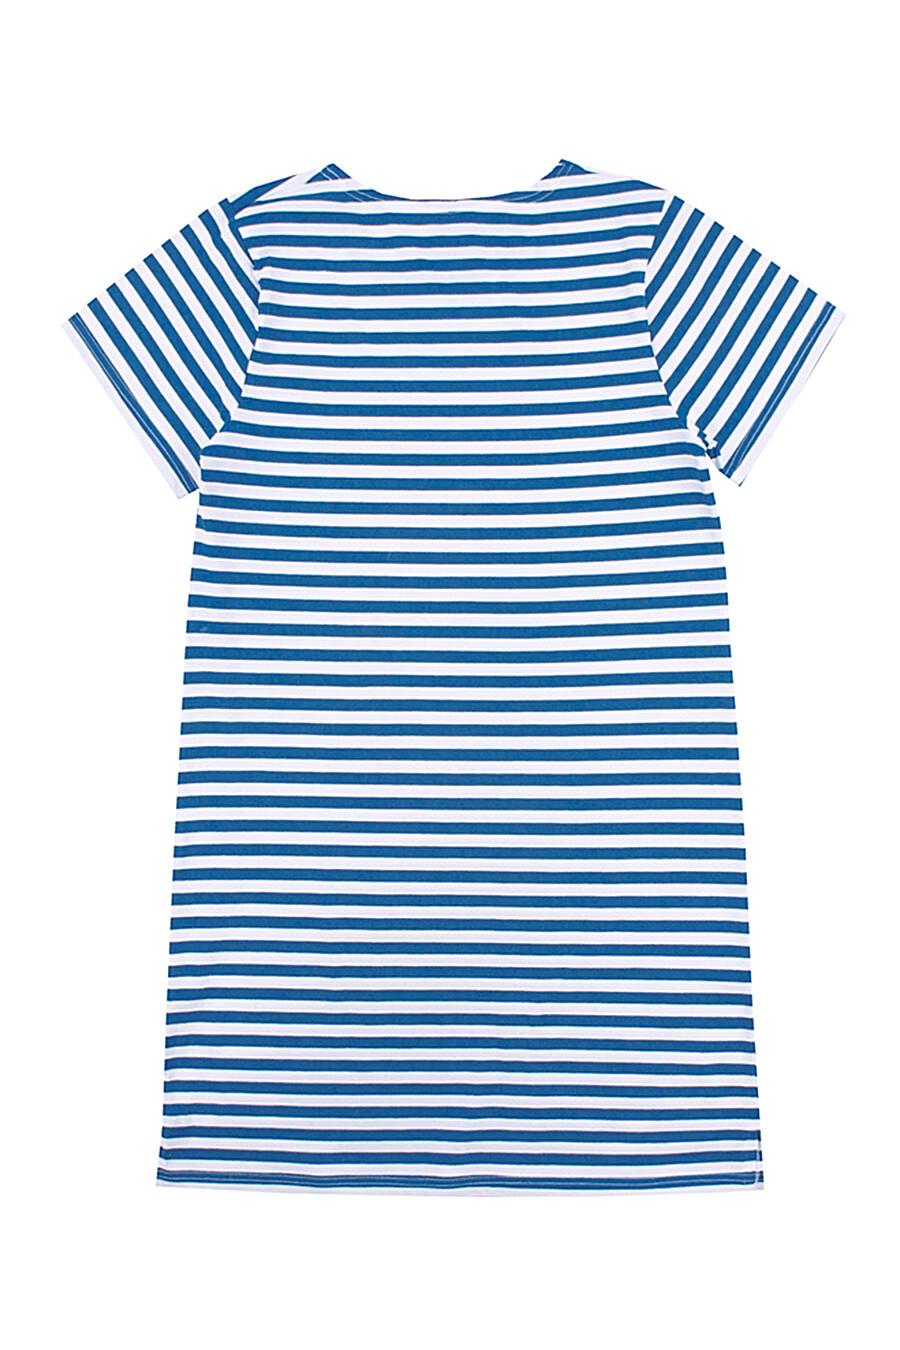 Платье для женщин Archi 131141 купить оптом от производителя. Совместная покупка женской одежды в OptMoyo